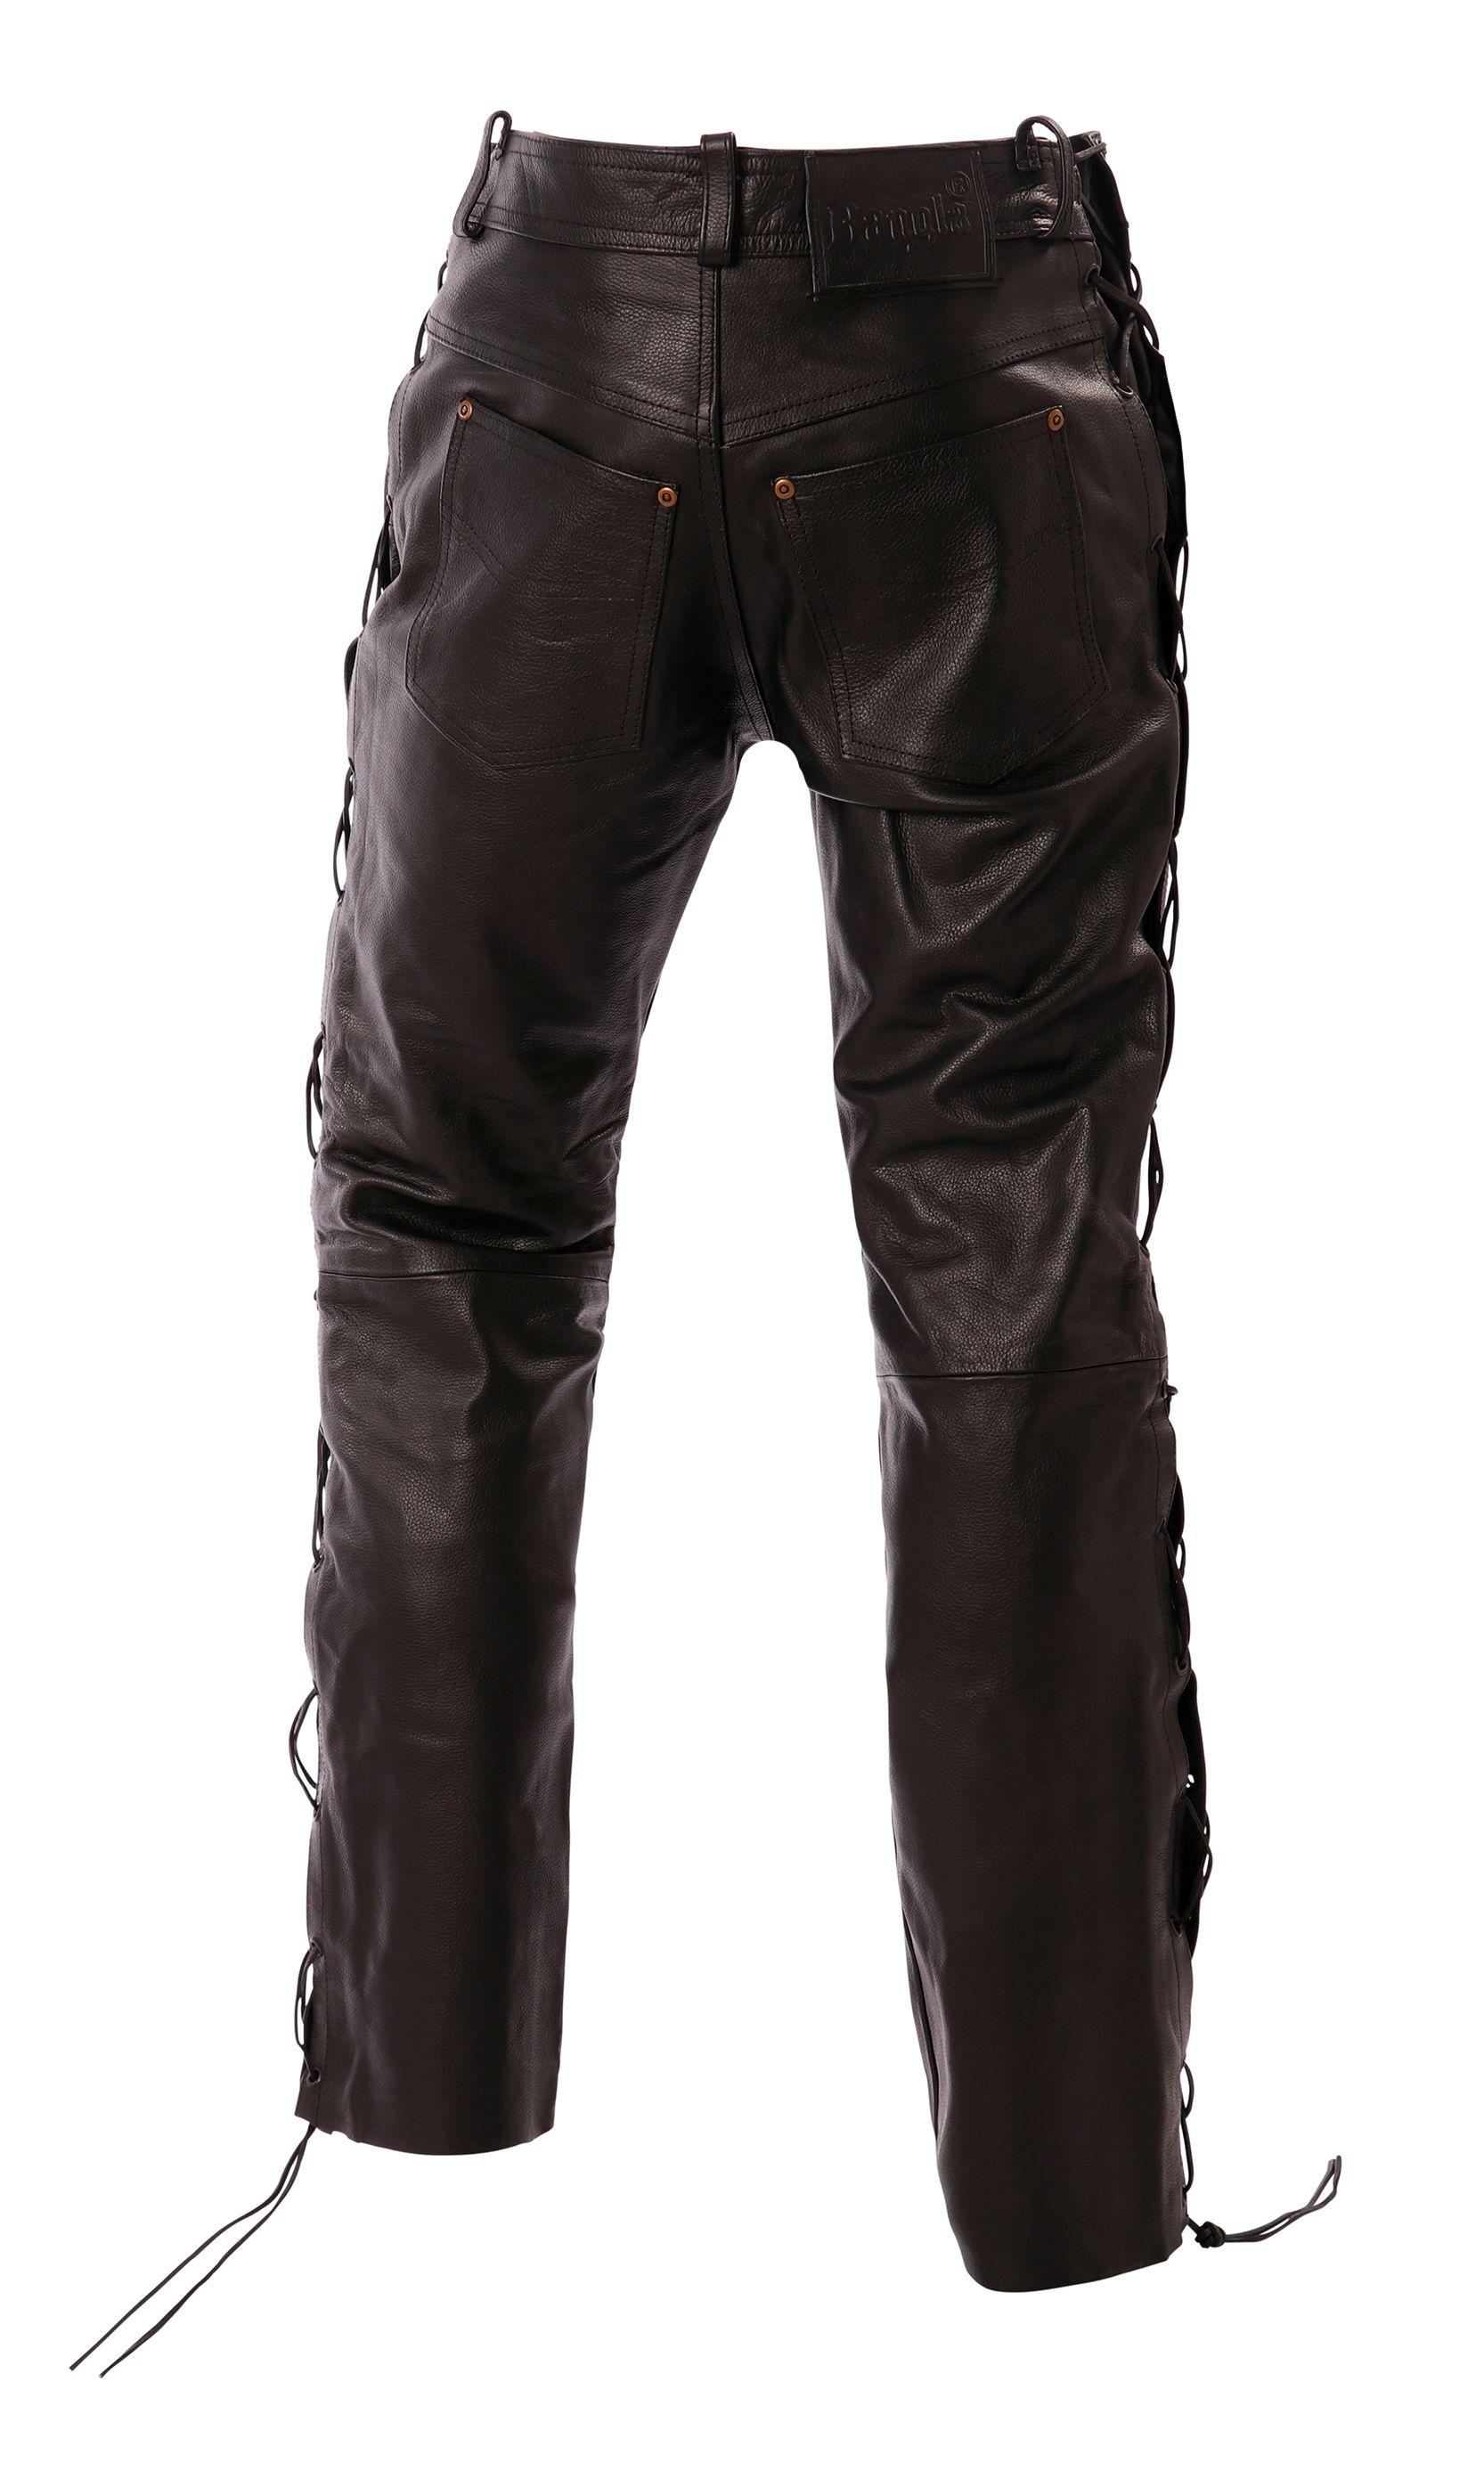 Schnürjeans Jeans Leder Biker Motorrad Hose Schwarz 29 30 31 32 33 34